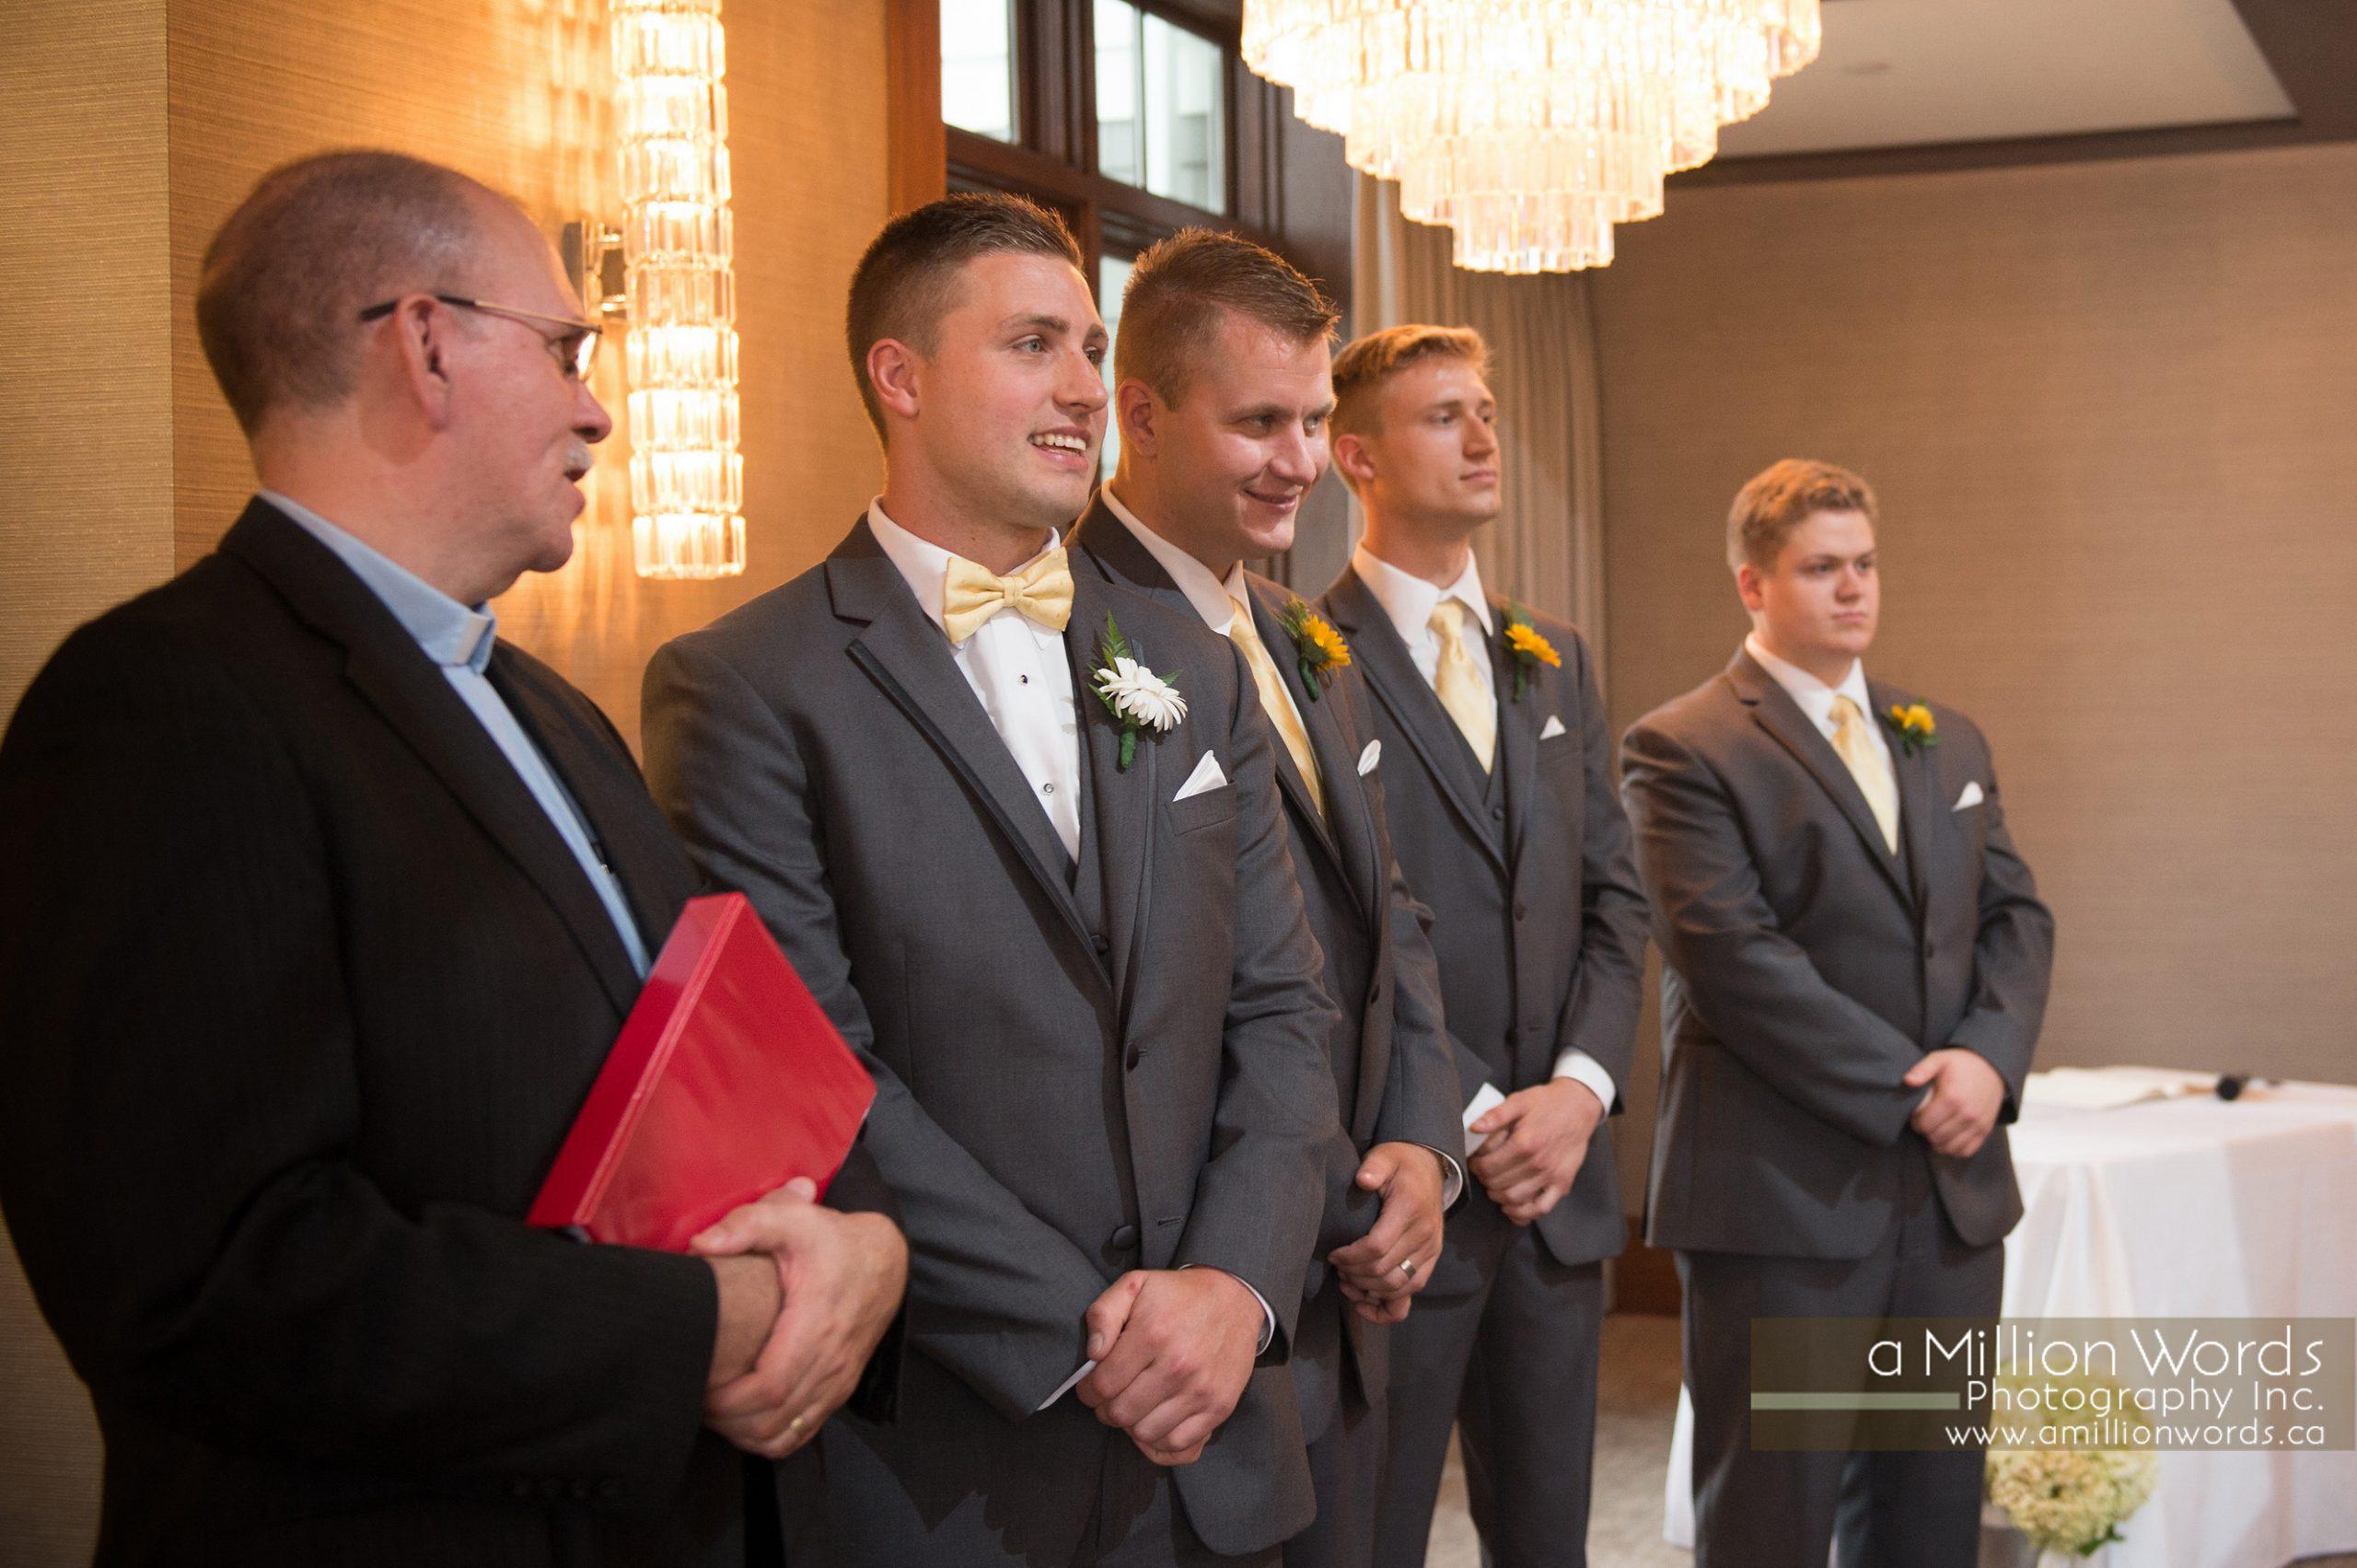 wedding_photography_cambridge14